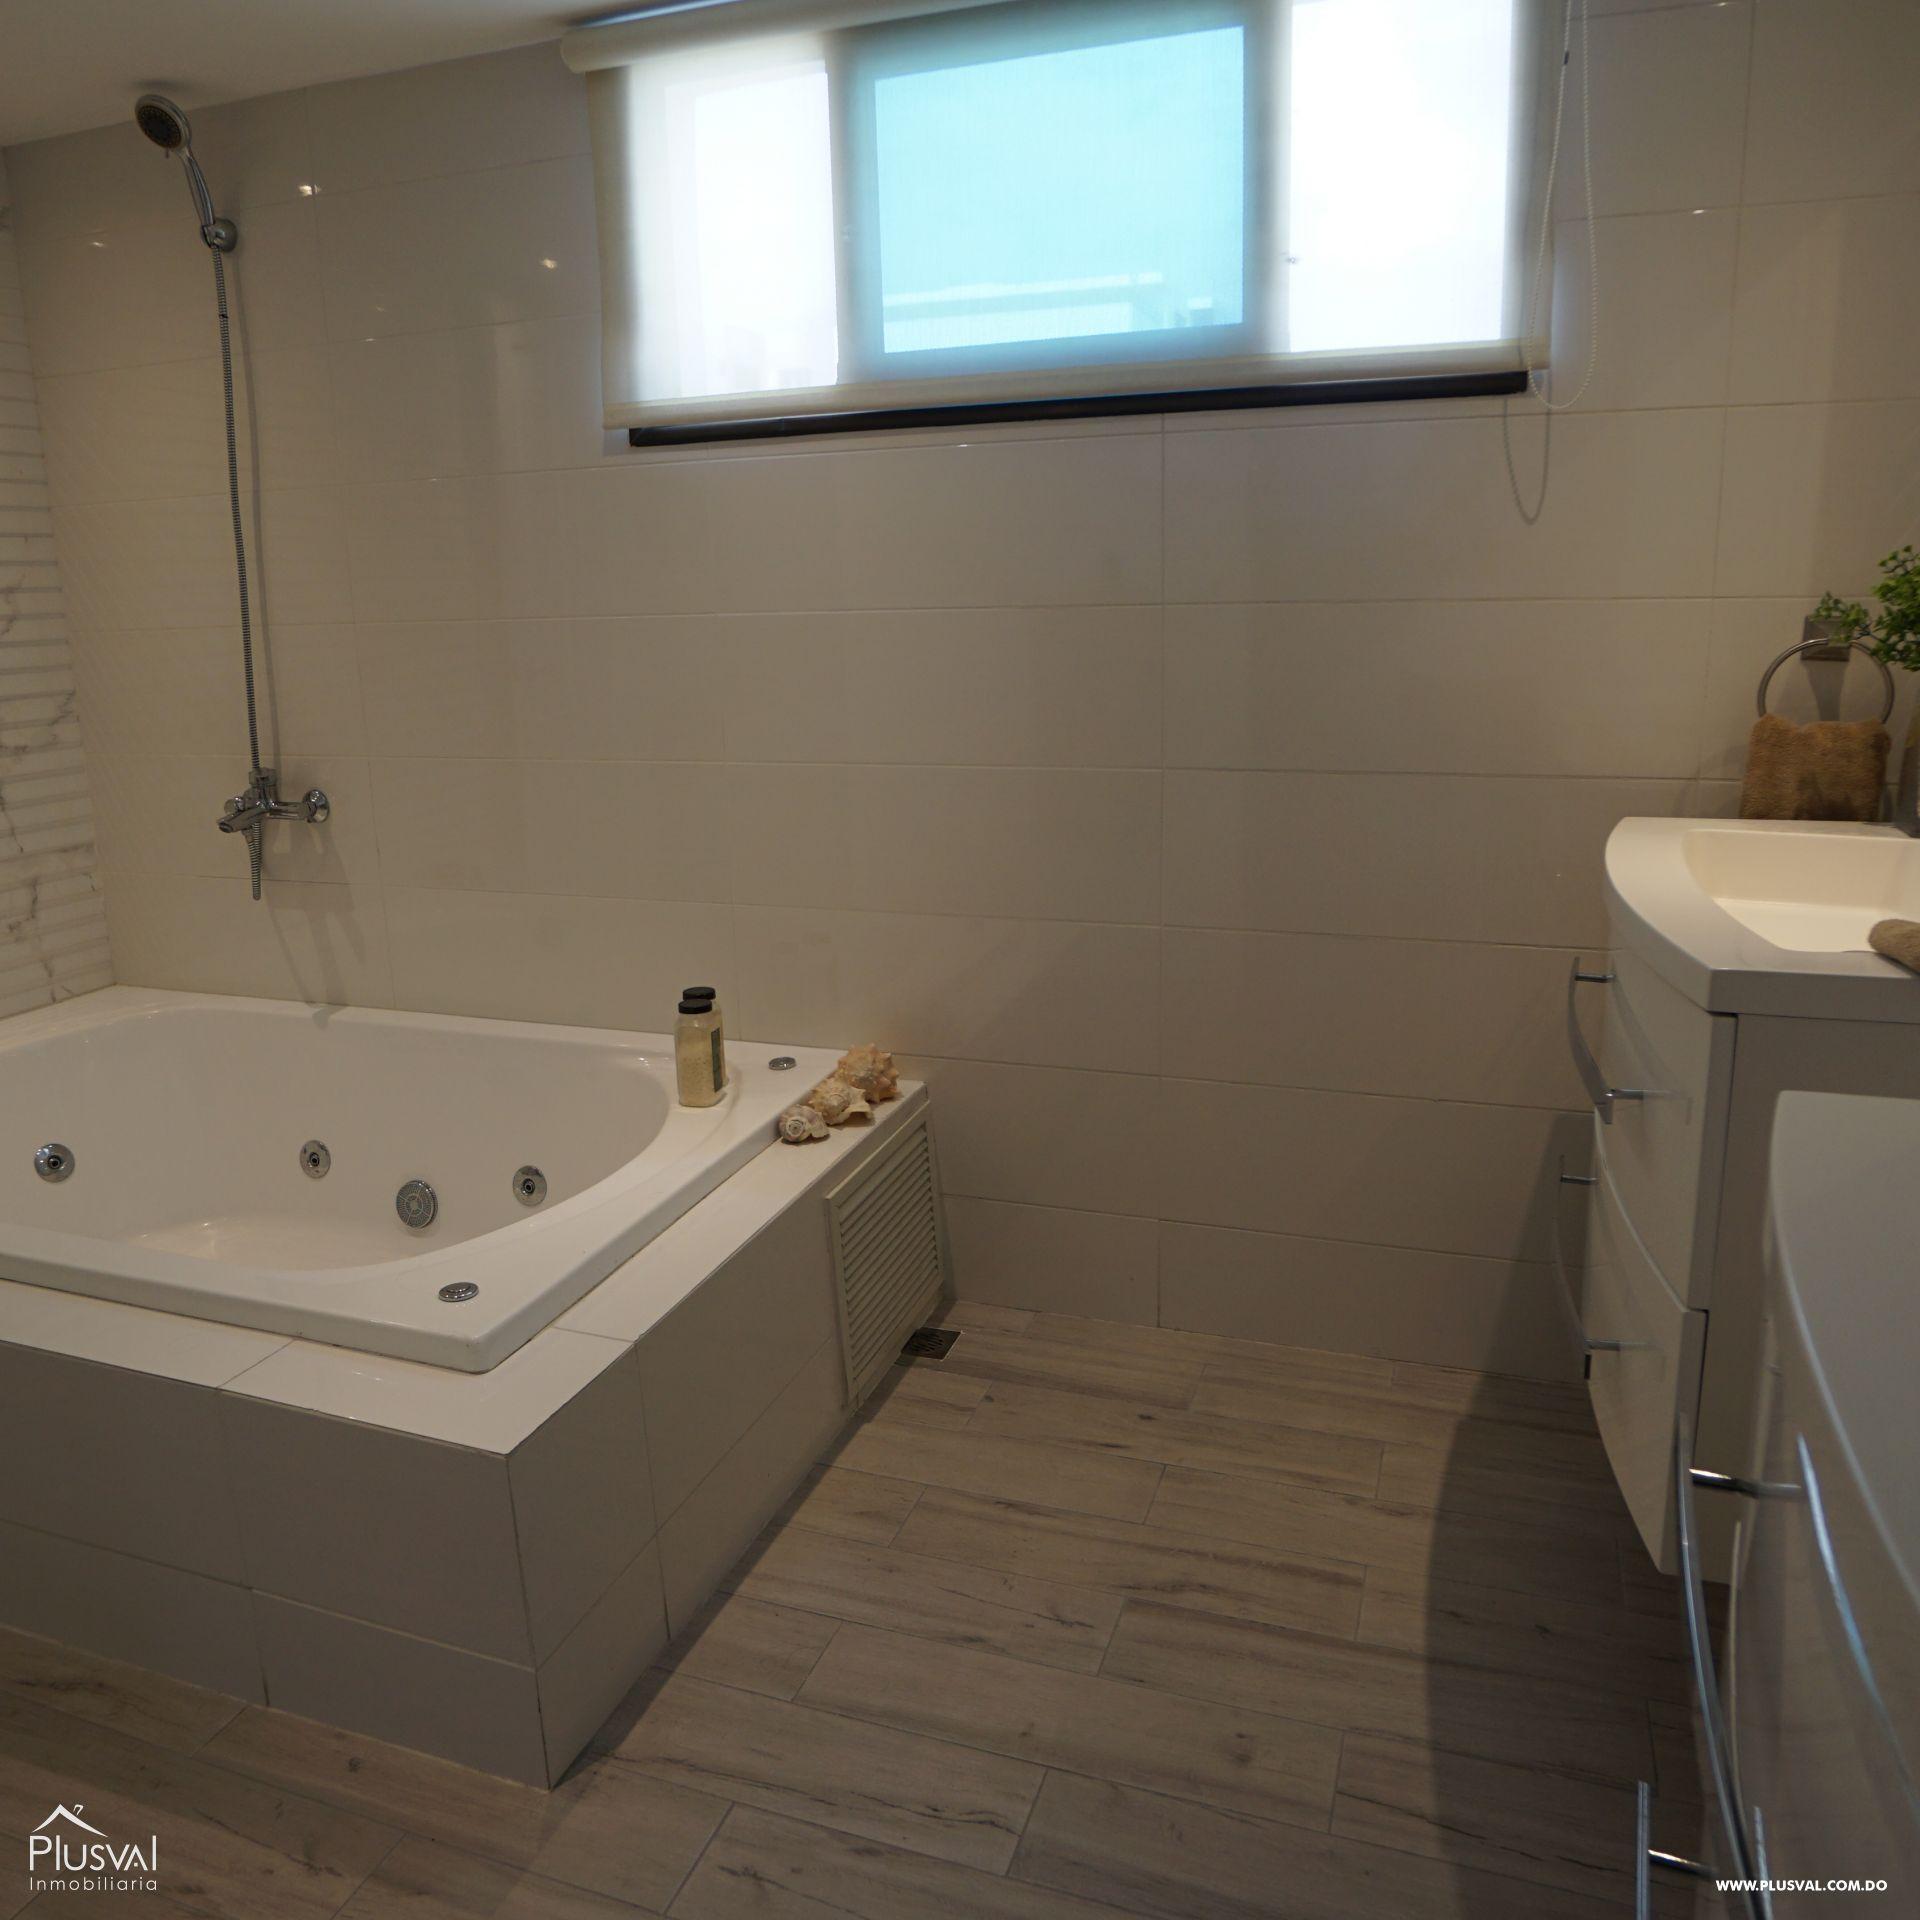 Lujoso apartamento en VENTA en Zona Residencial de NACO 182970